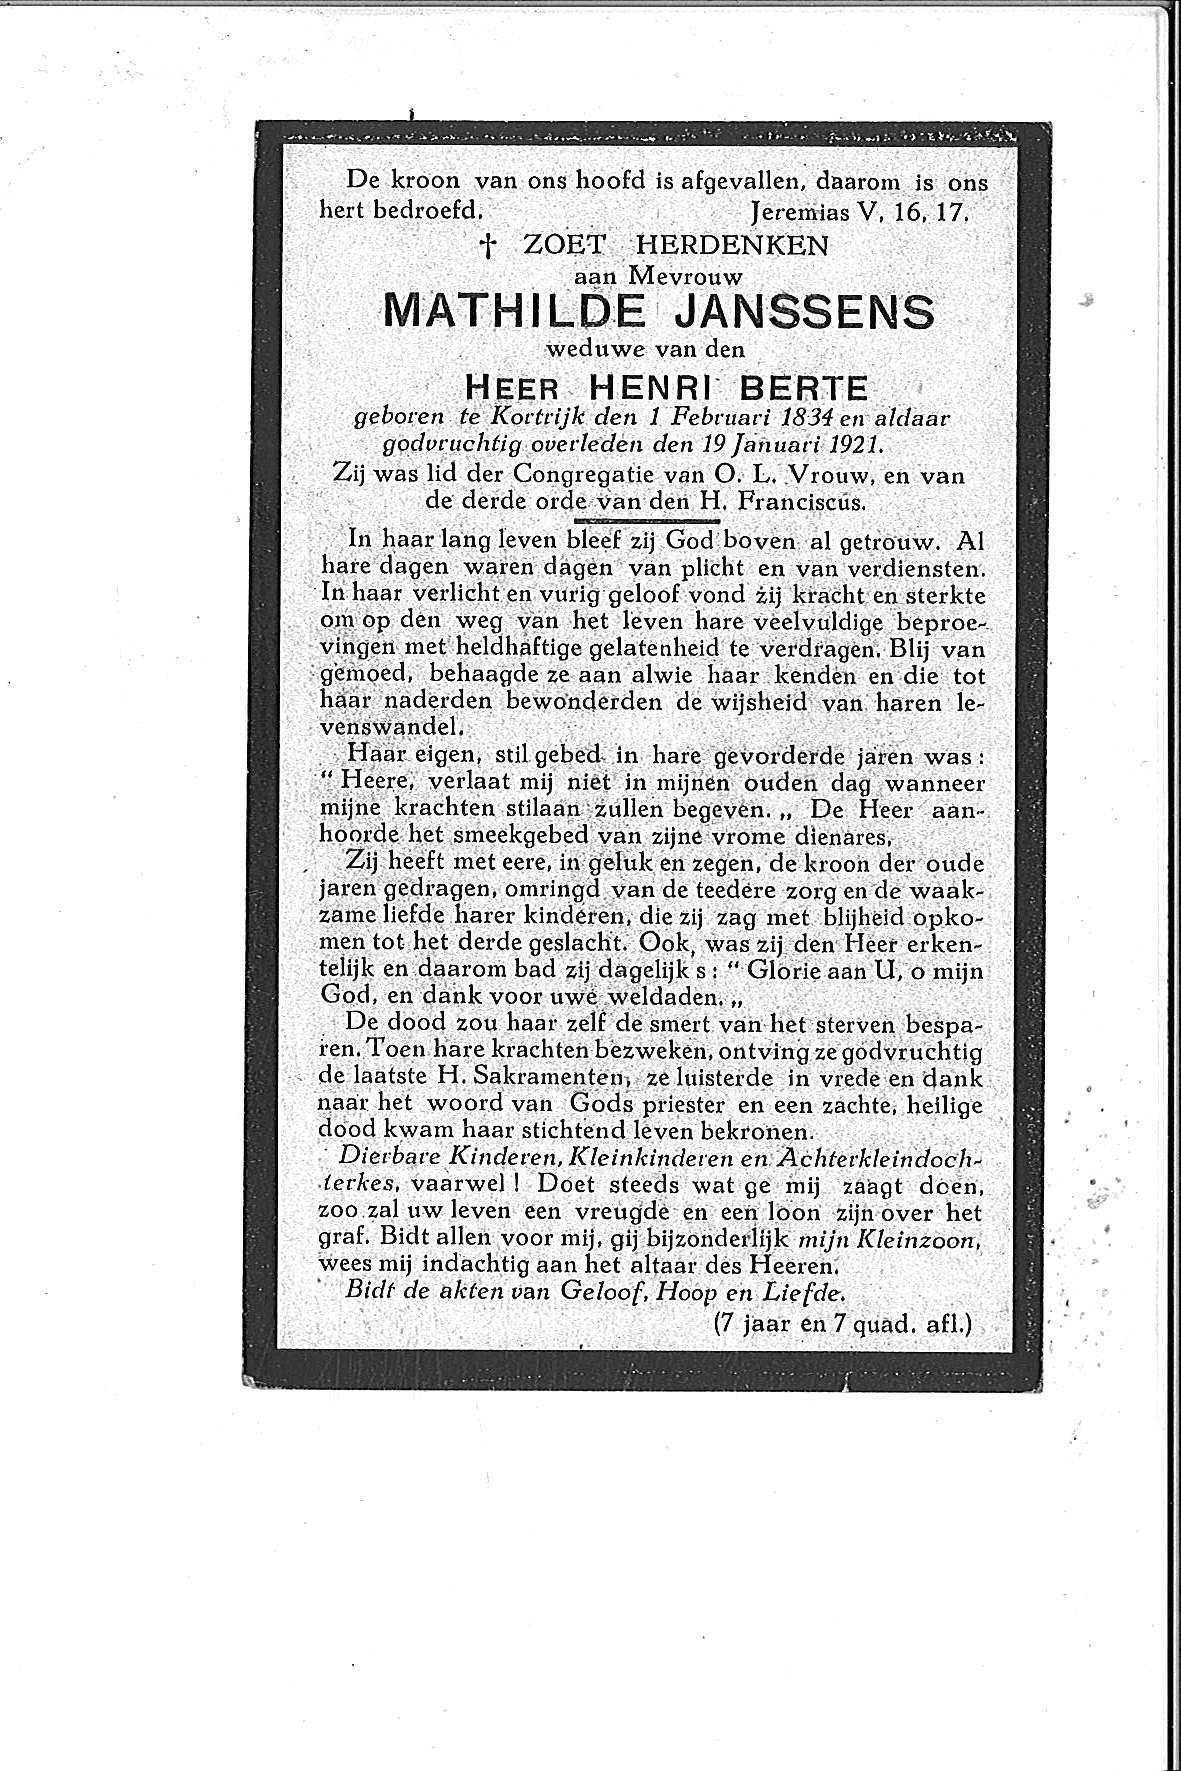 Mathilde(1921)20150504094827_00029.jpg